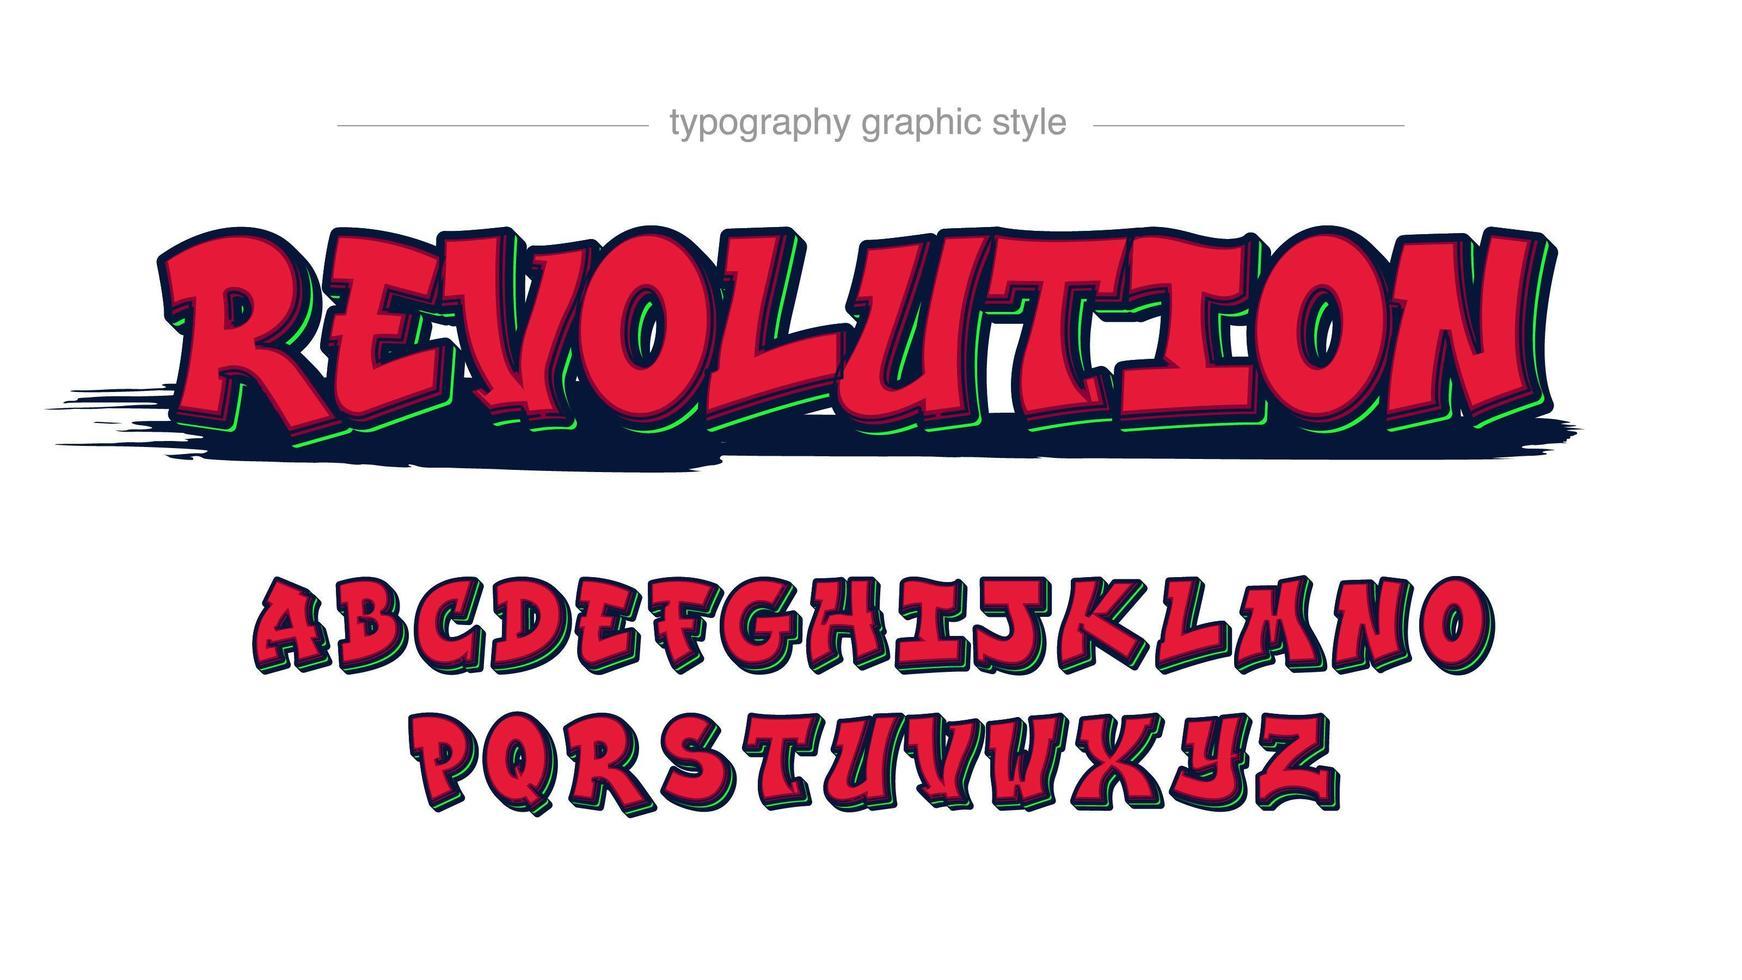 rosso con effetto testo in grassetto stile graffiti vettore